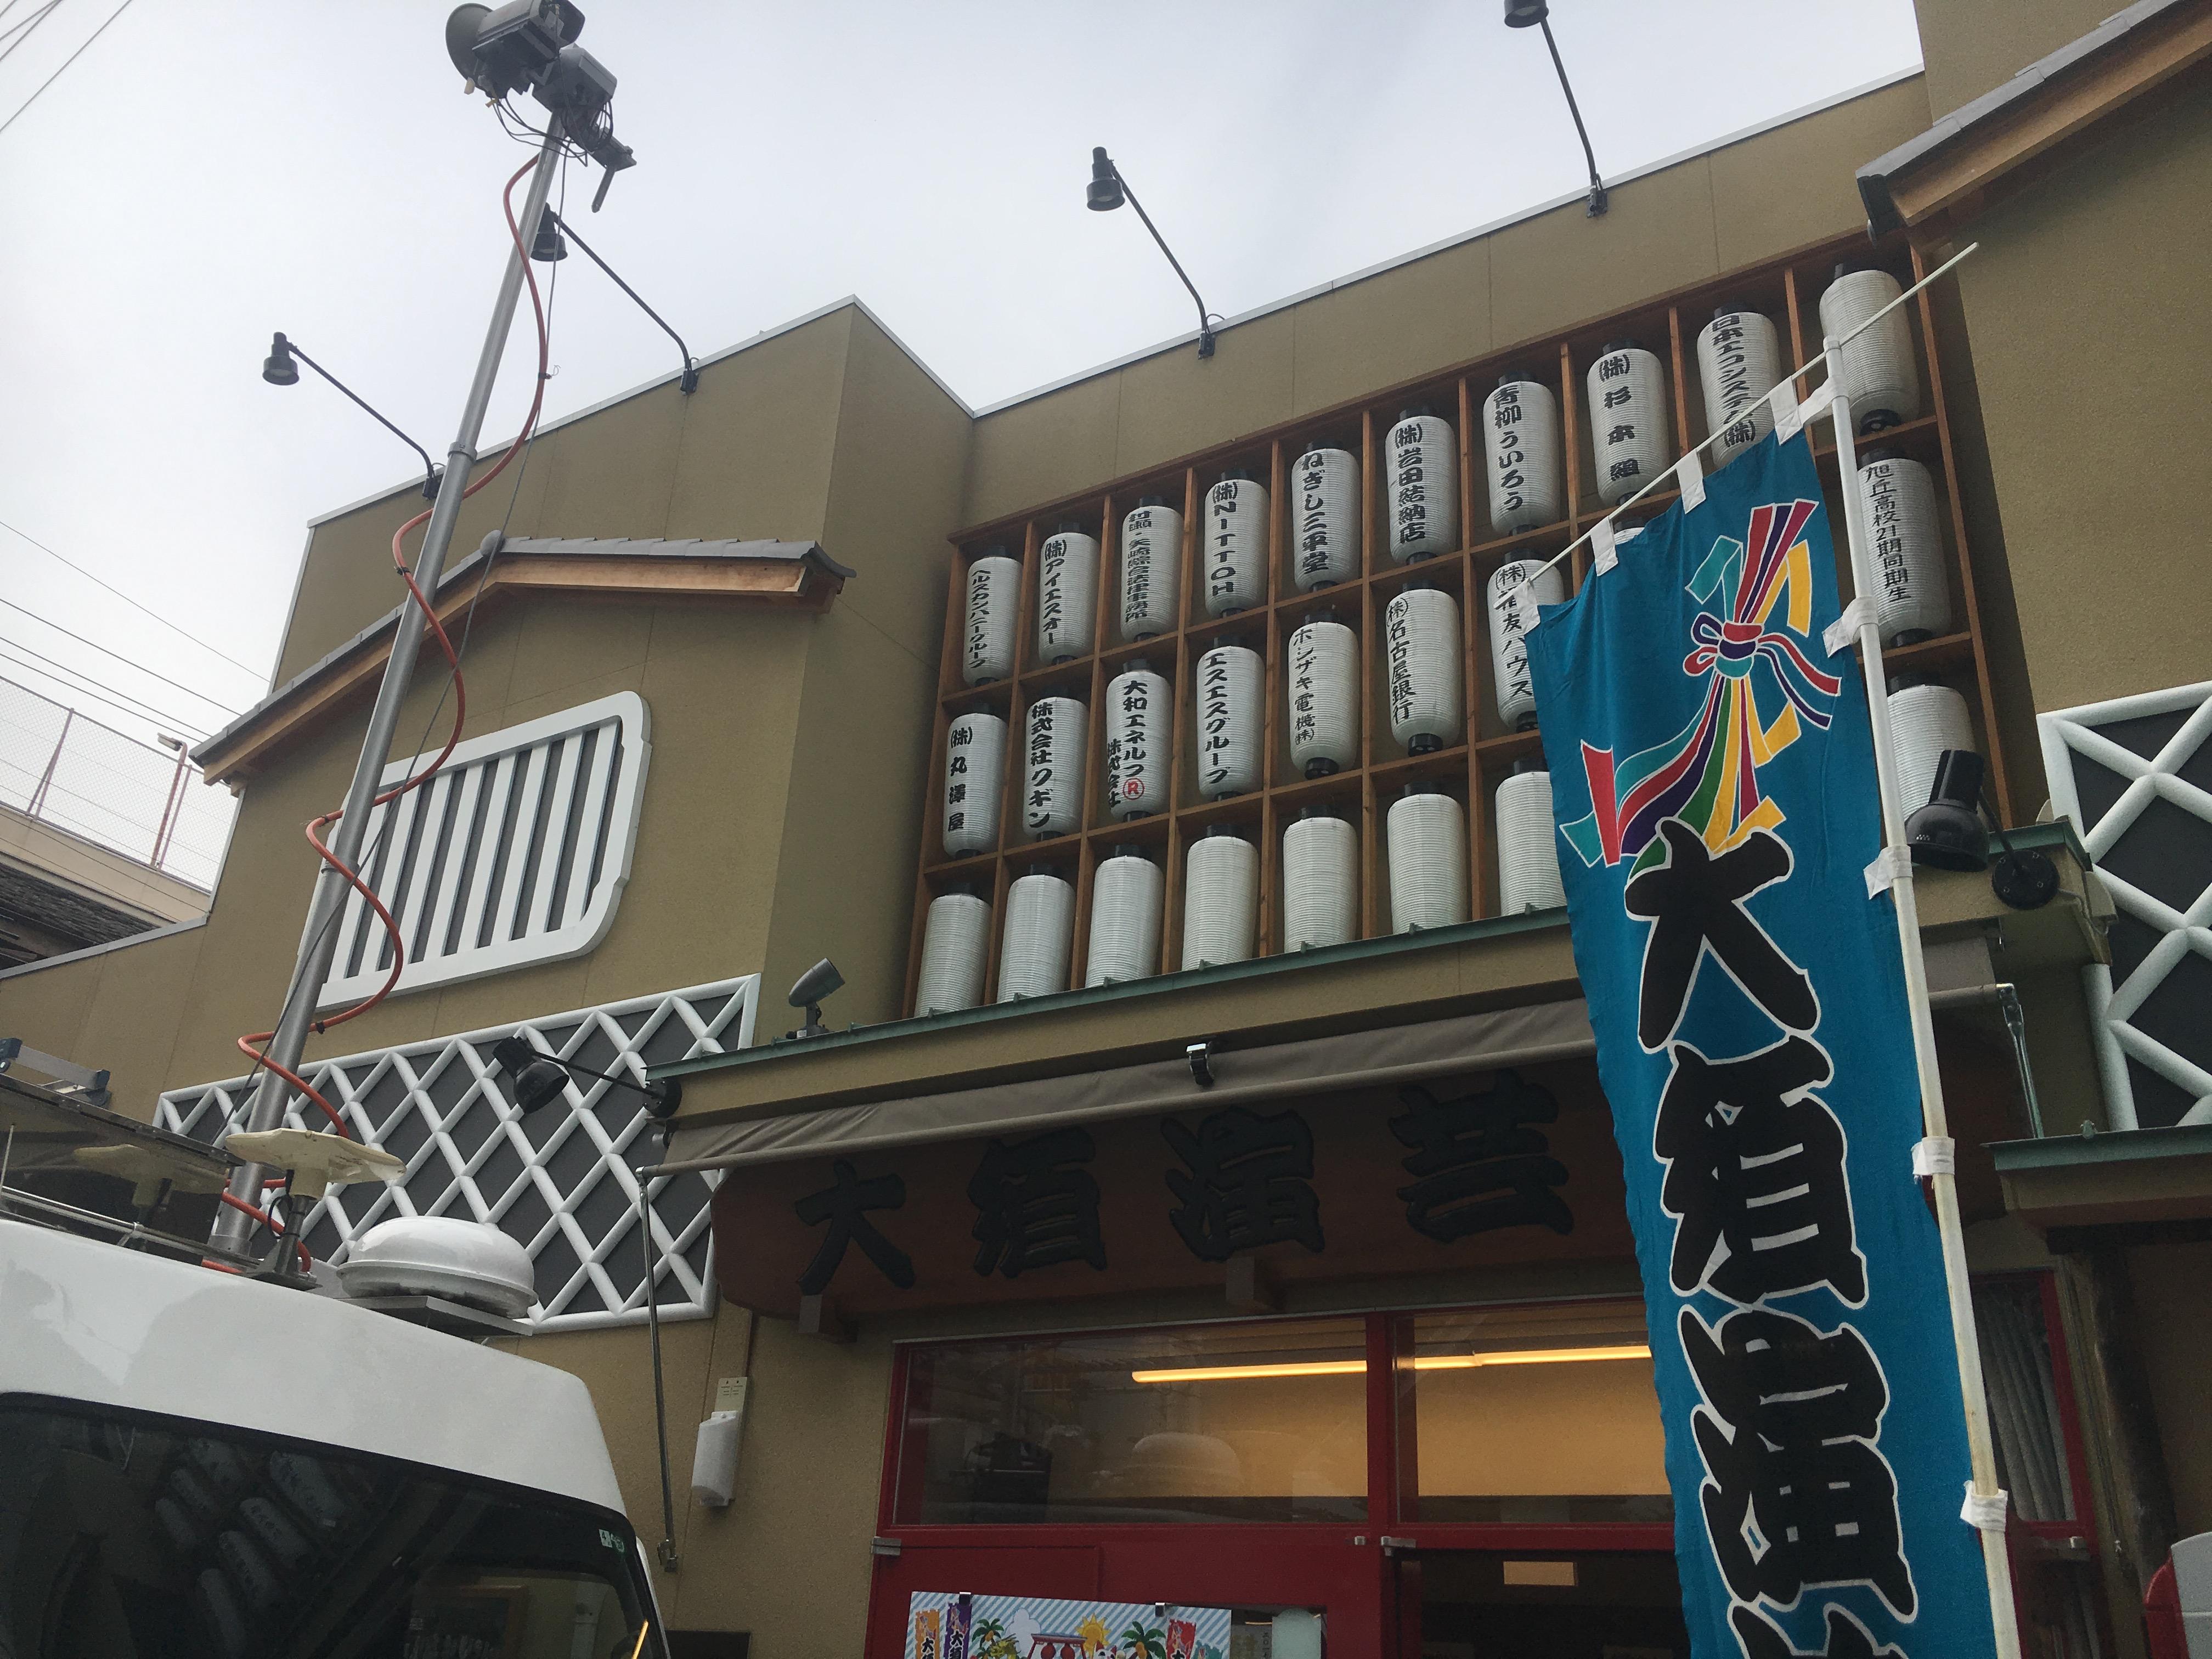 テレビ愛知 笑う大須演芸場の公開収録で旬の芸人さん10名!人を惹きつける話し方の勉強になりました